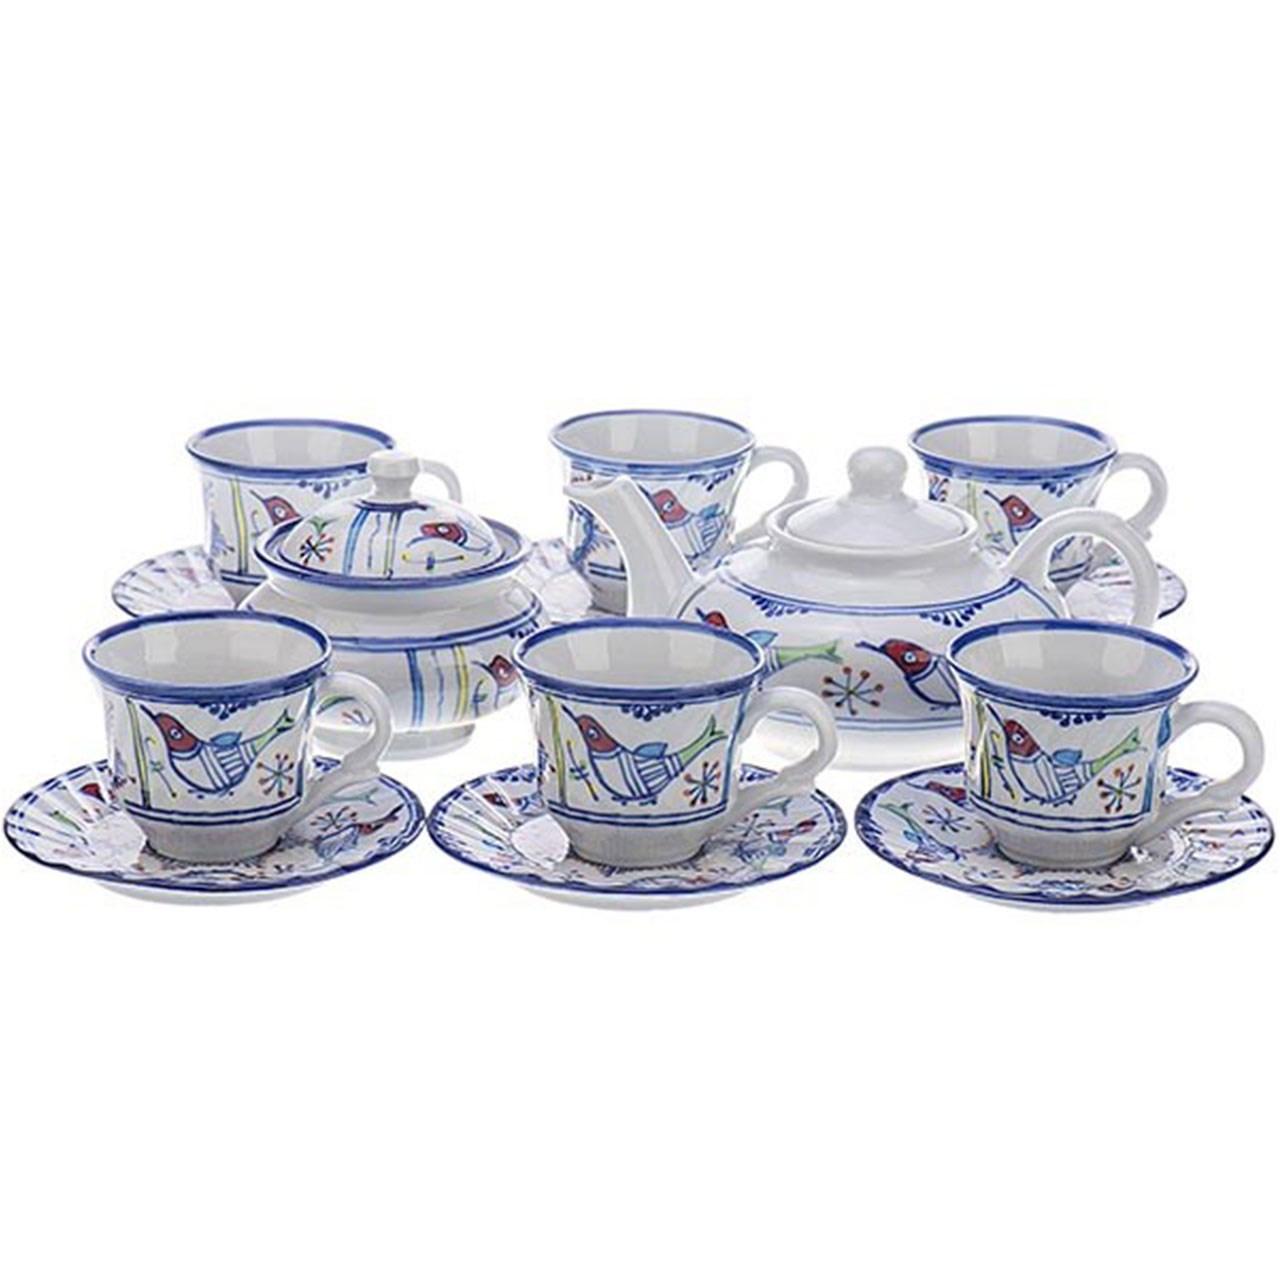 چای خوری چینی کارگاه میبد مروارید طرح خورشید خانم سرویس 16 پارچه              ⭐️⭐️⭐️